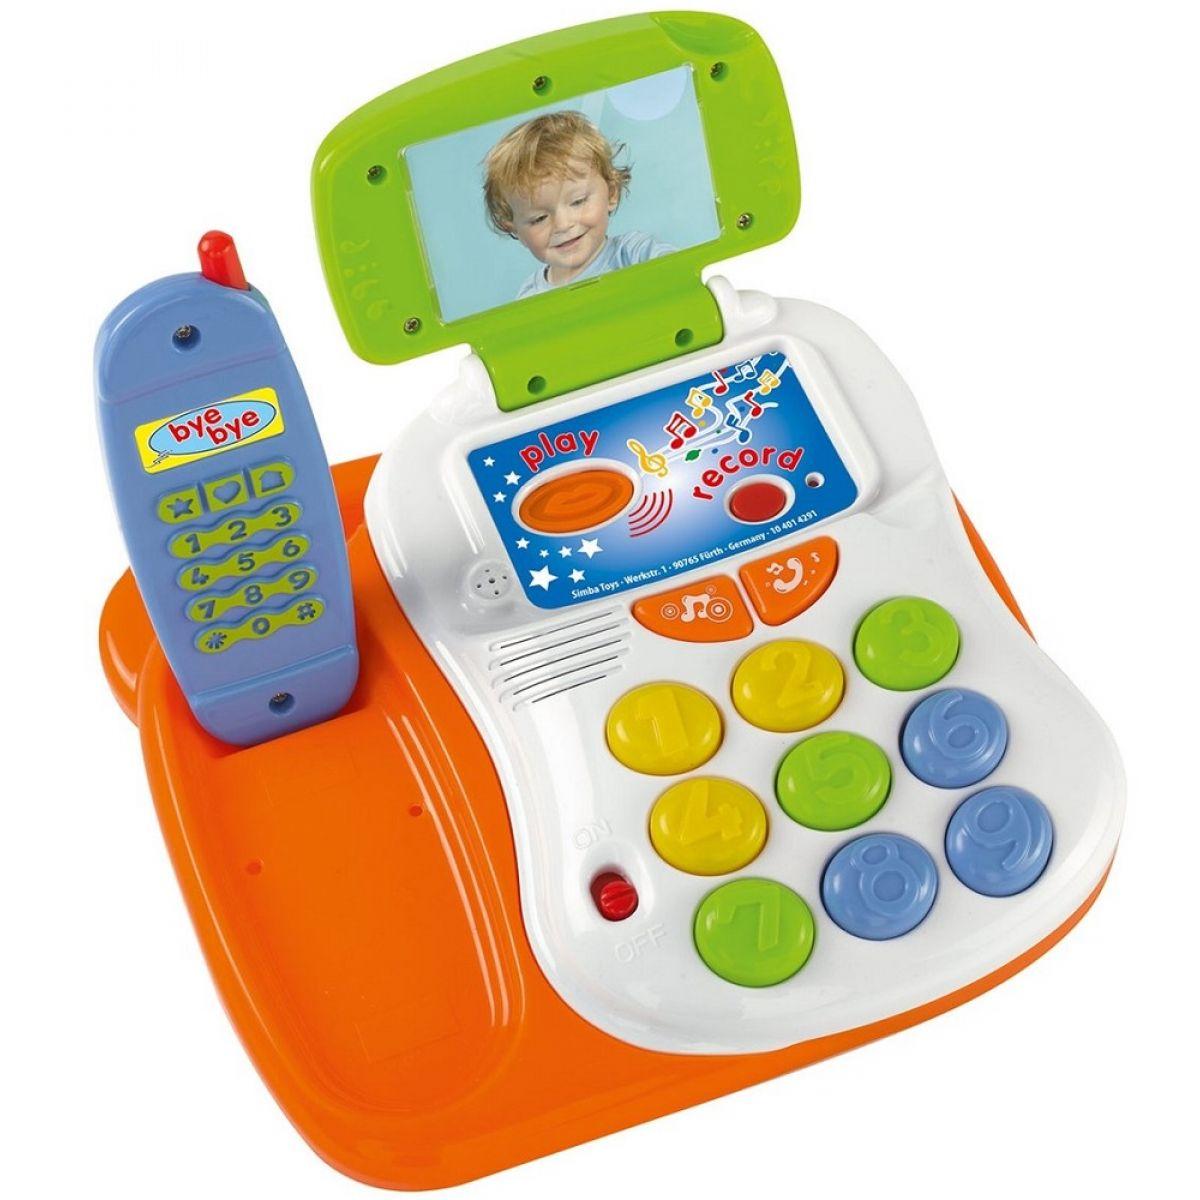 ABC Veselý telefon s funkcí nahrávání